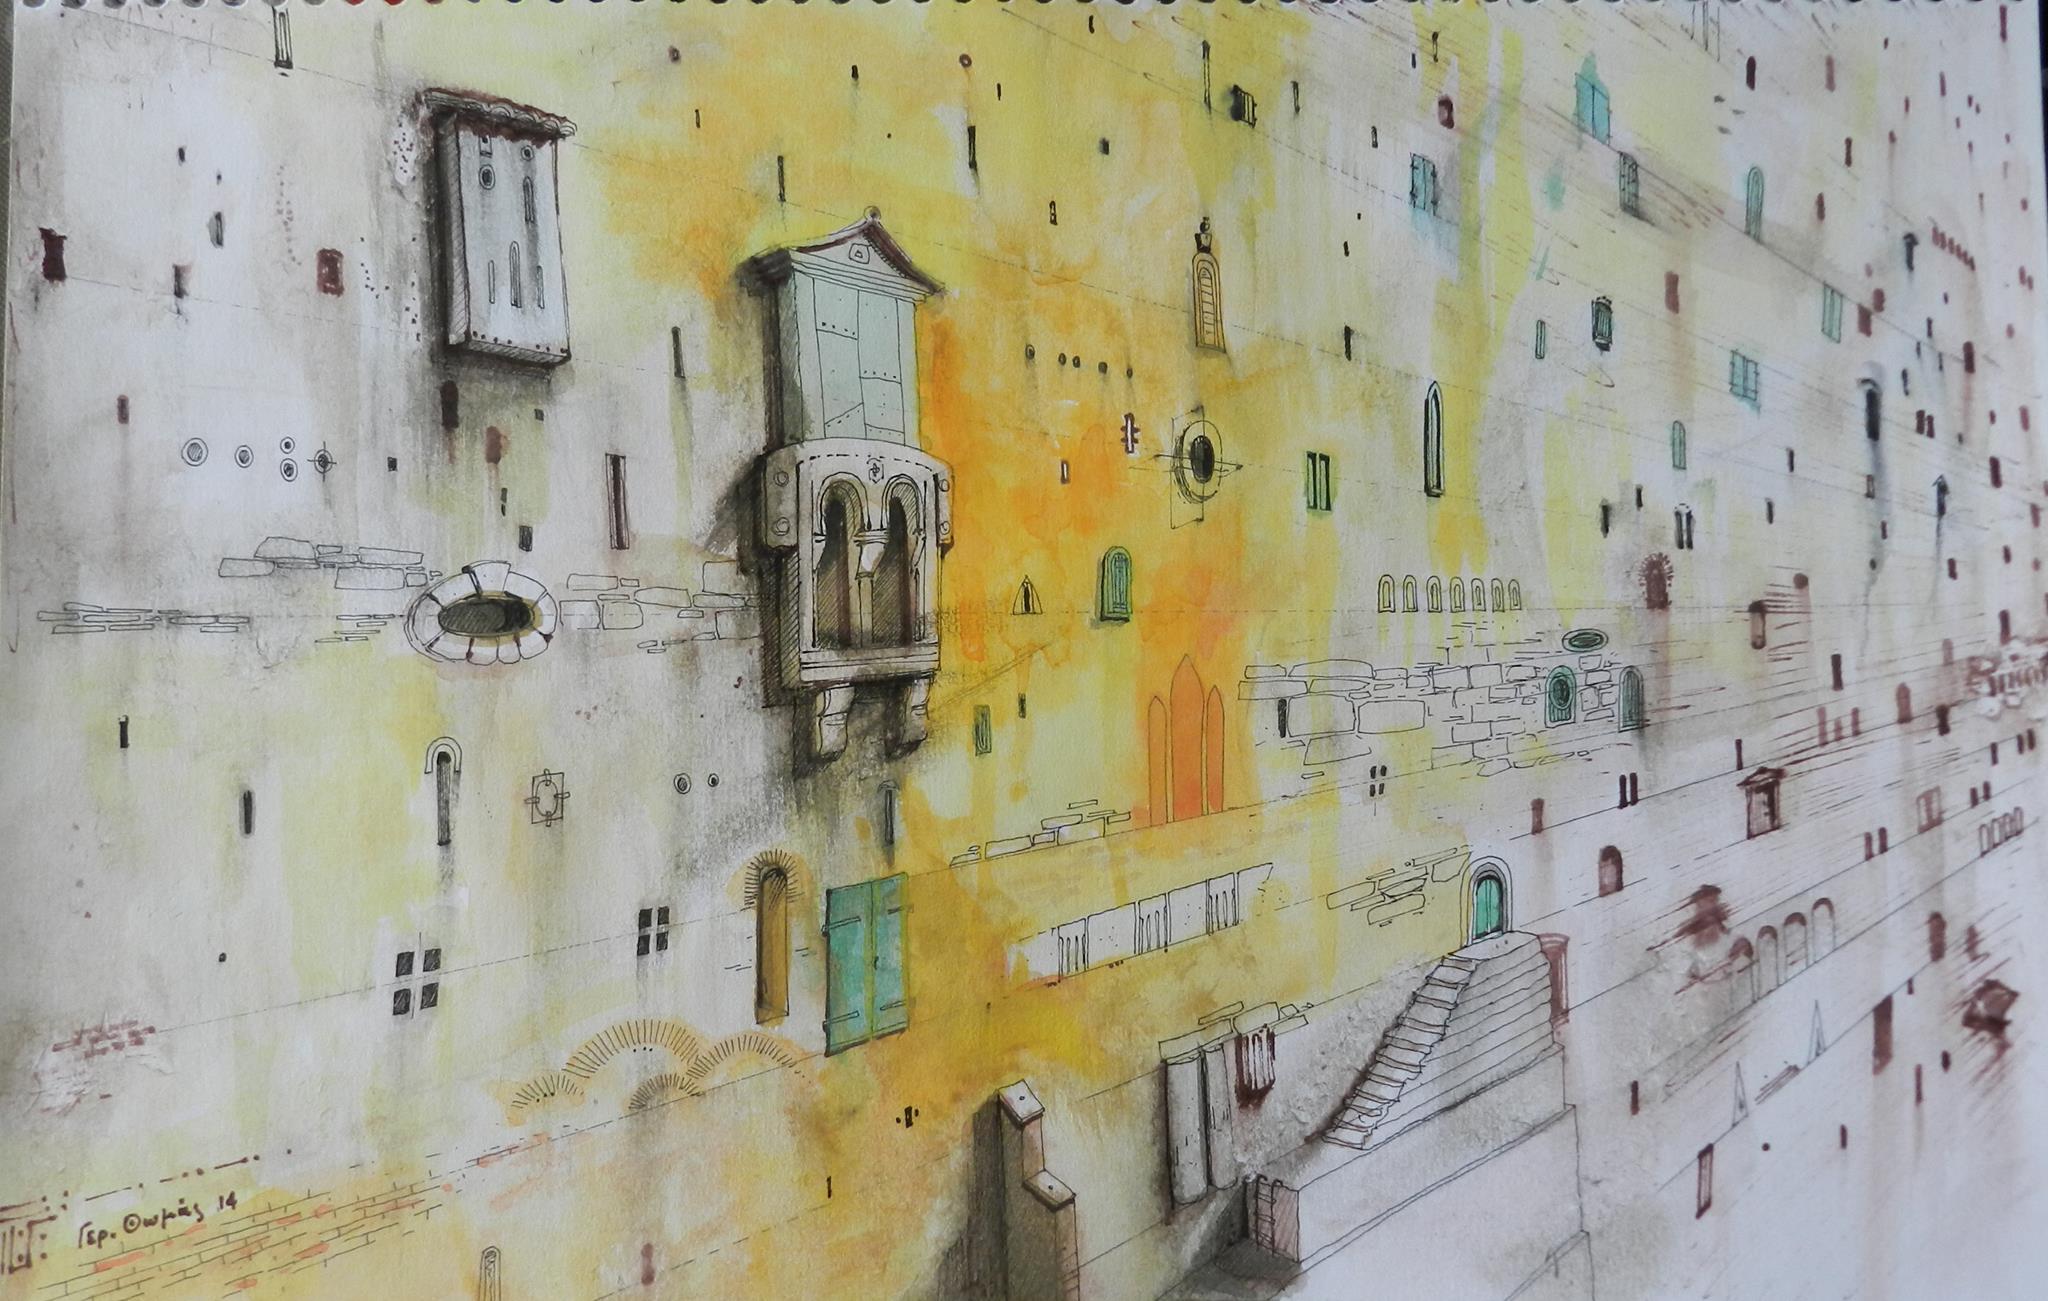 Γεράσιμος Θωμάς, Η ιστορία ενός τοίχου, Μικτή τεχνική